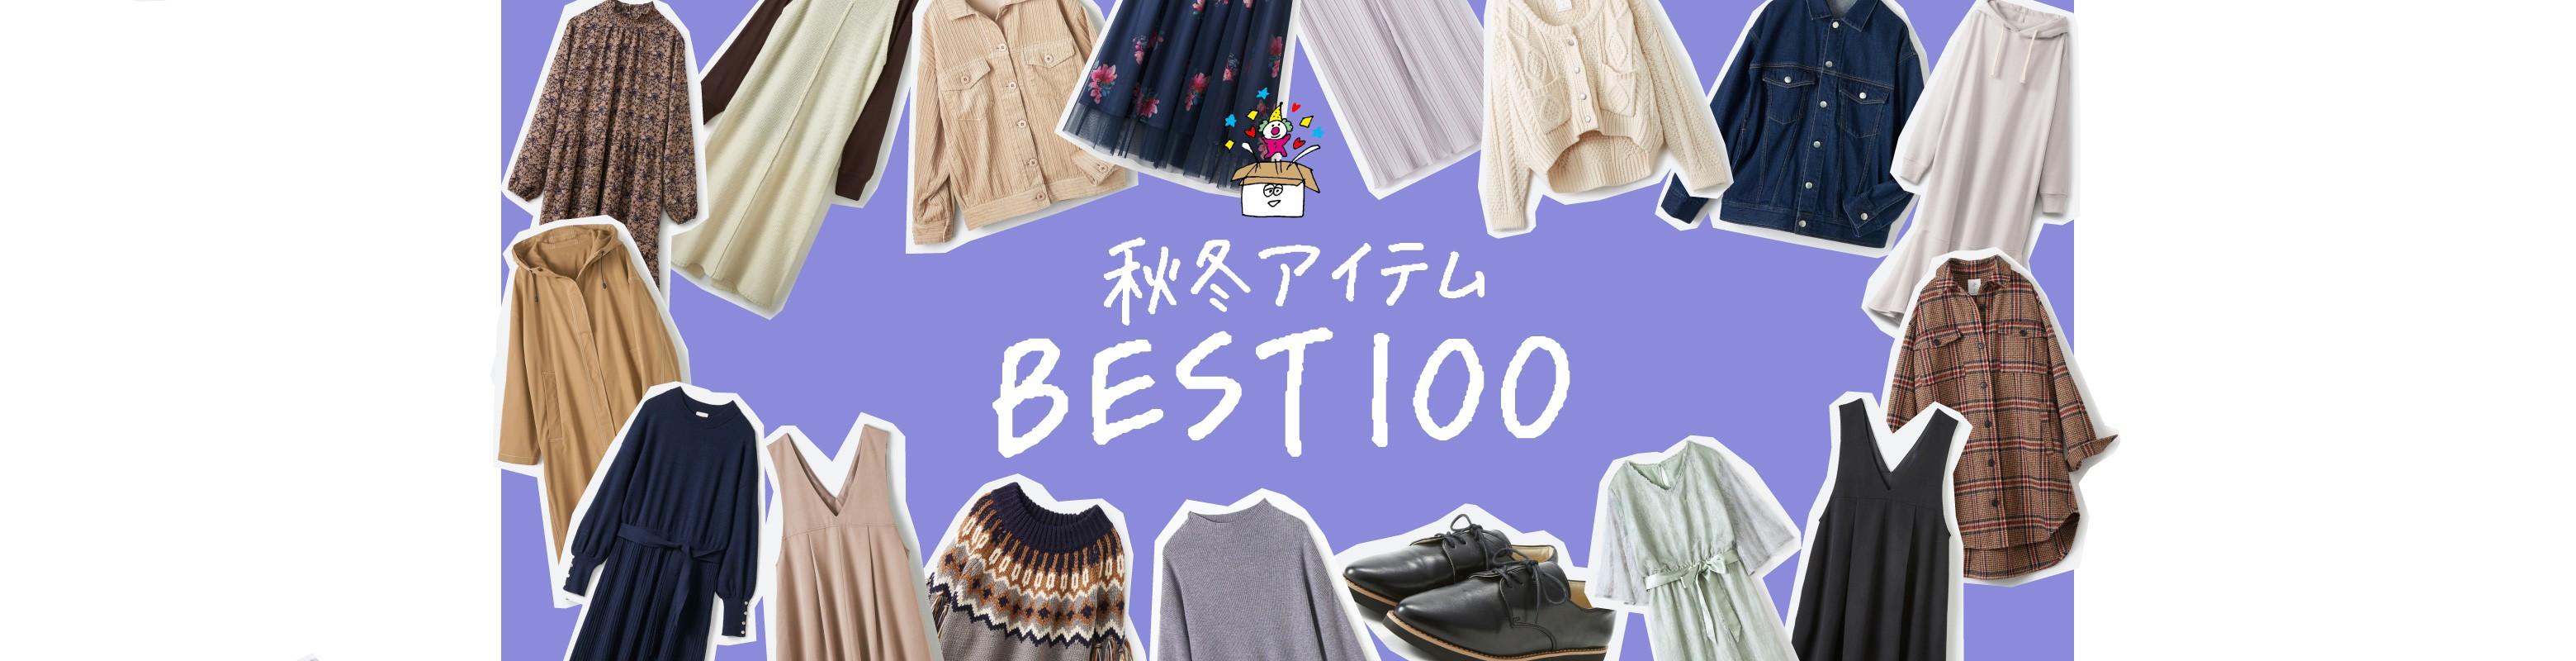 秋冬アイテム BEST100